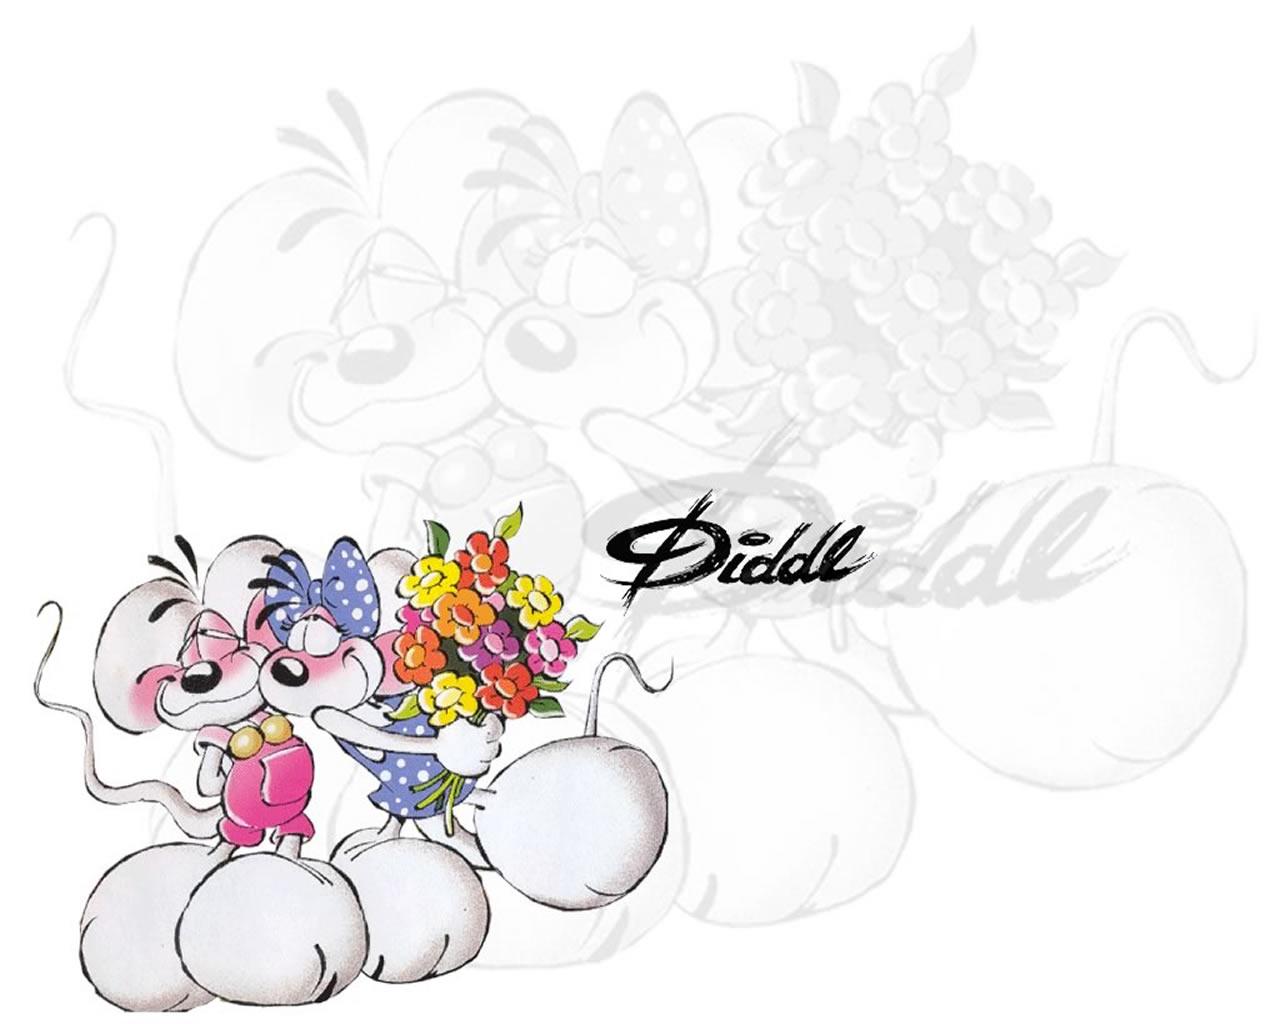 download wallpaper: Diddl en Diddlina met bloemen wallpaper